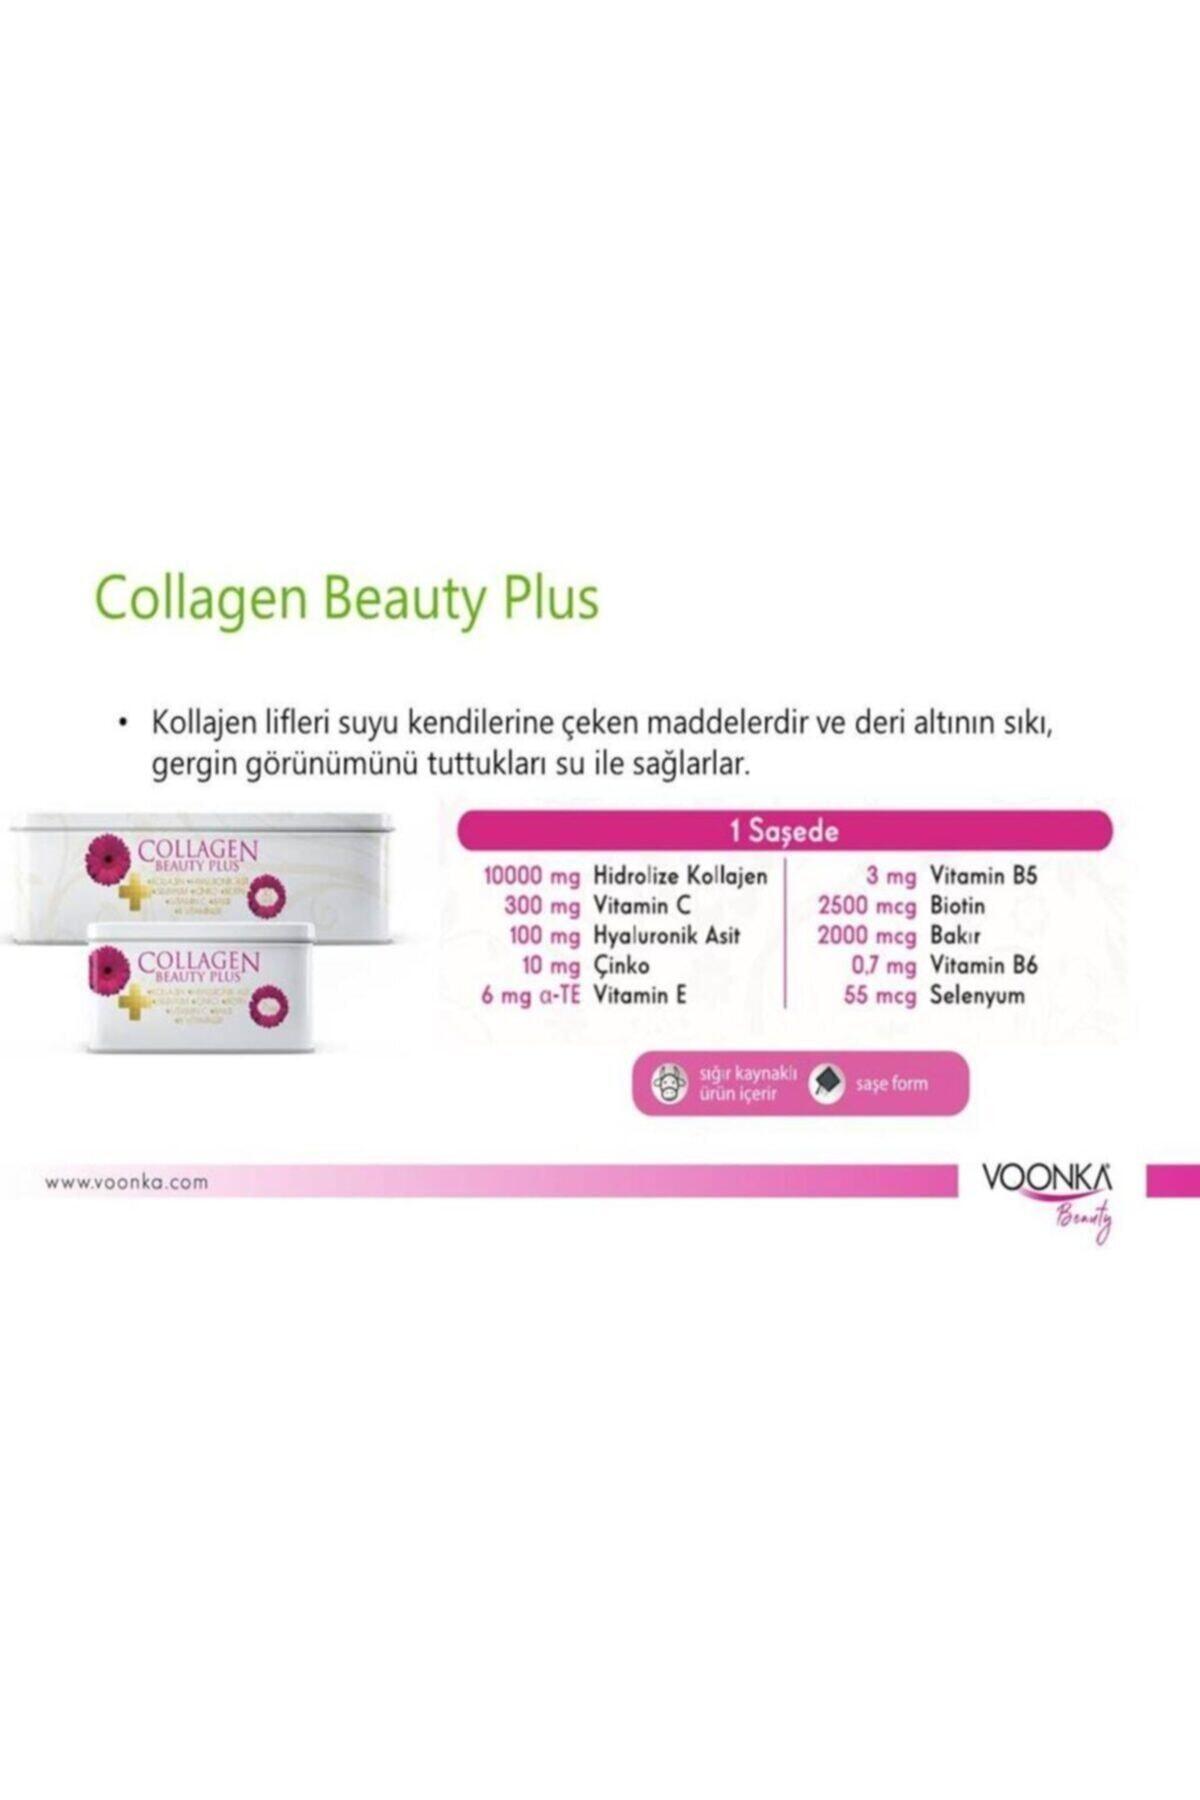 Voonka Collagen Beauty Plus Çilek Karpuz Aromalı 30 Saşe 07/2022 Yeni Kutu 2